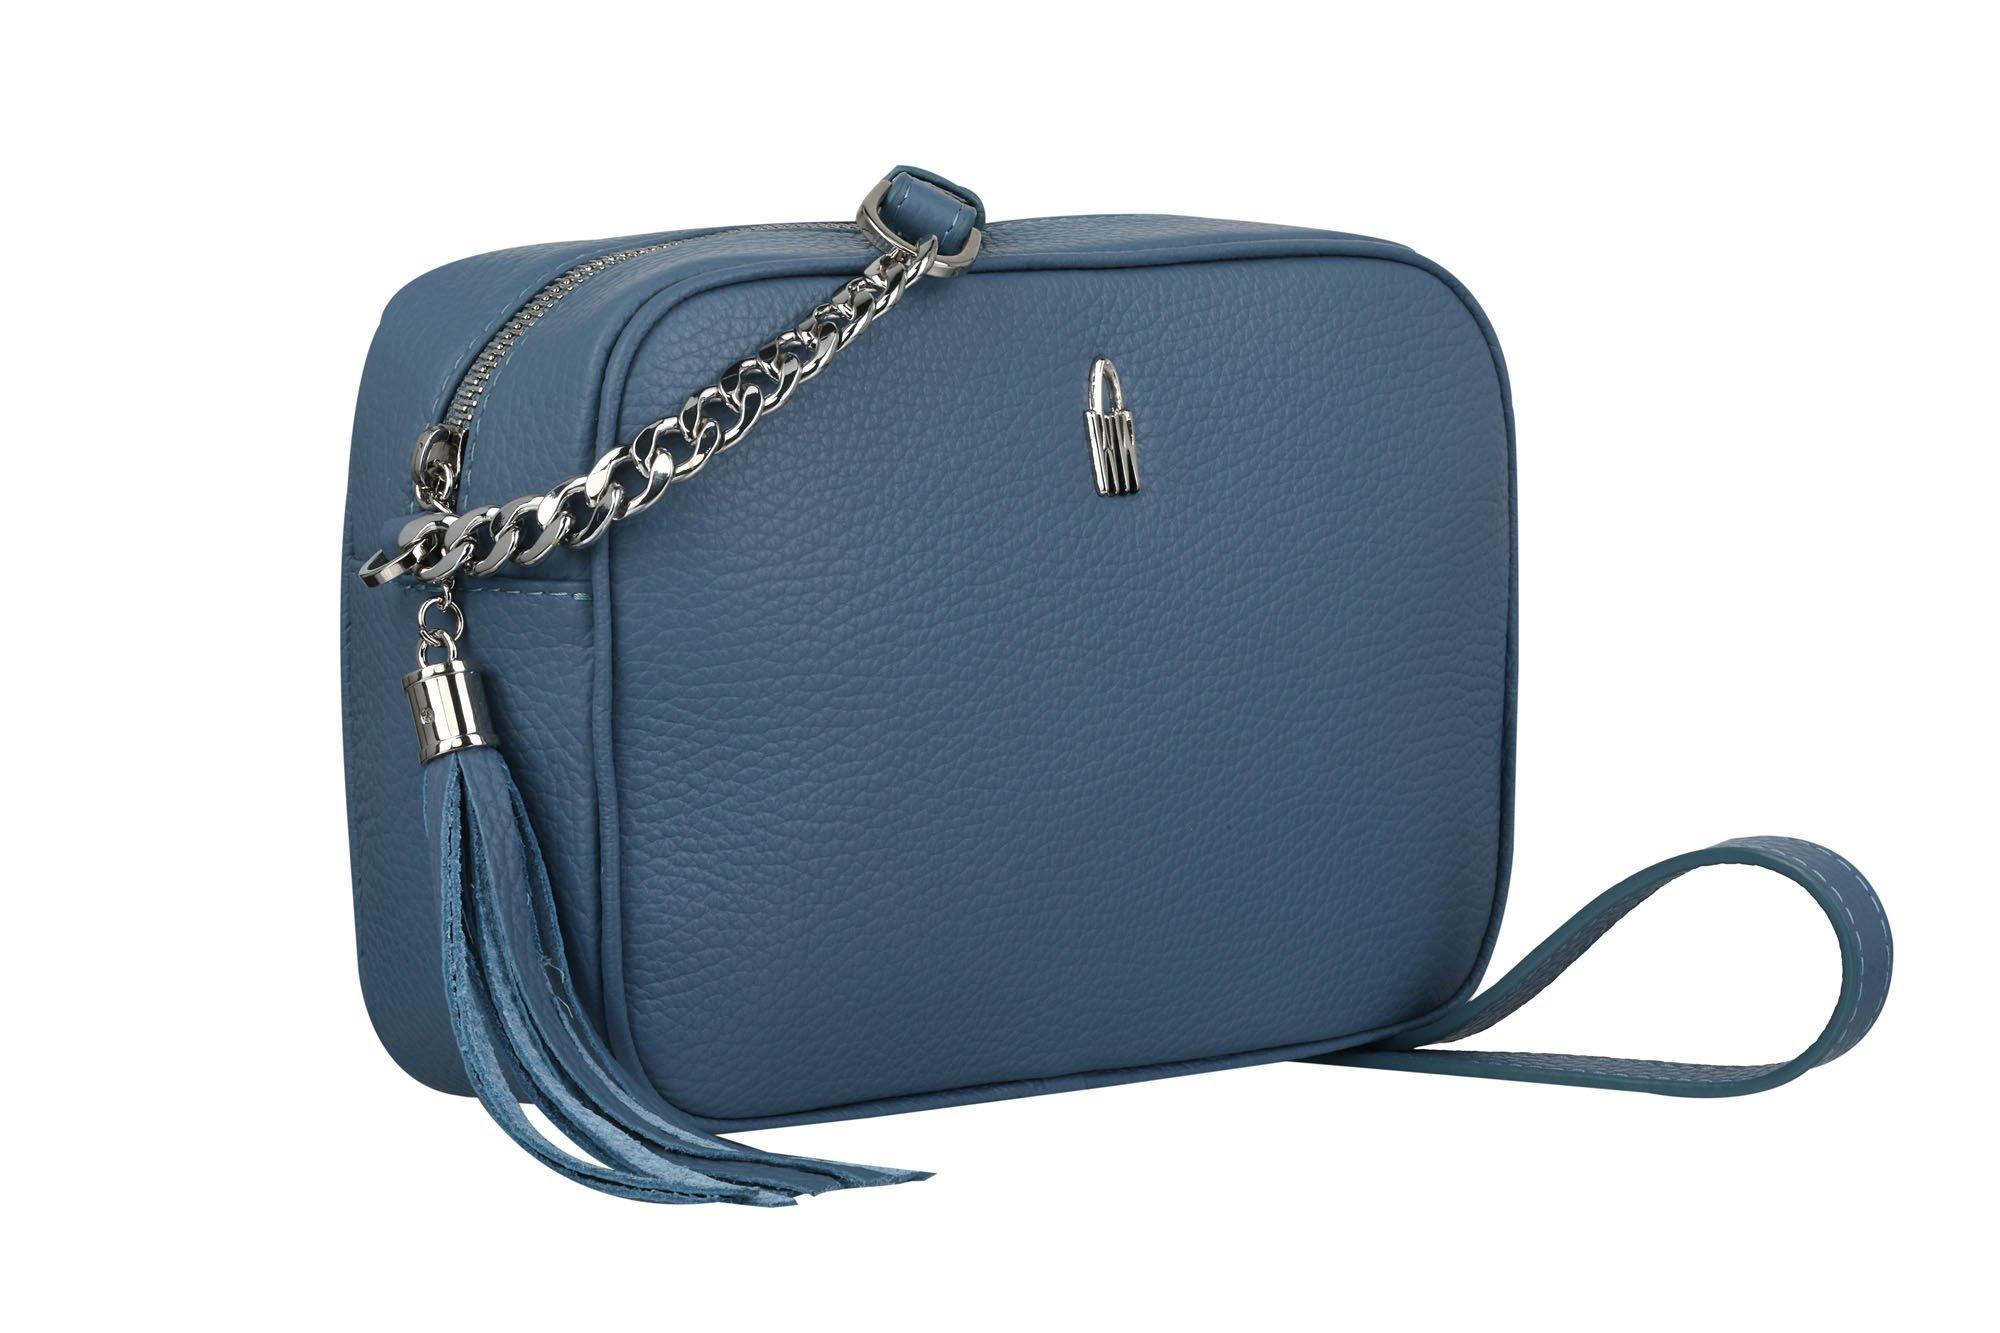 114321f41 Wojewodzic malé modrosivé kožené kabelky crossbody s retiazkou na párty  3176. 1